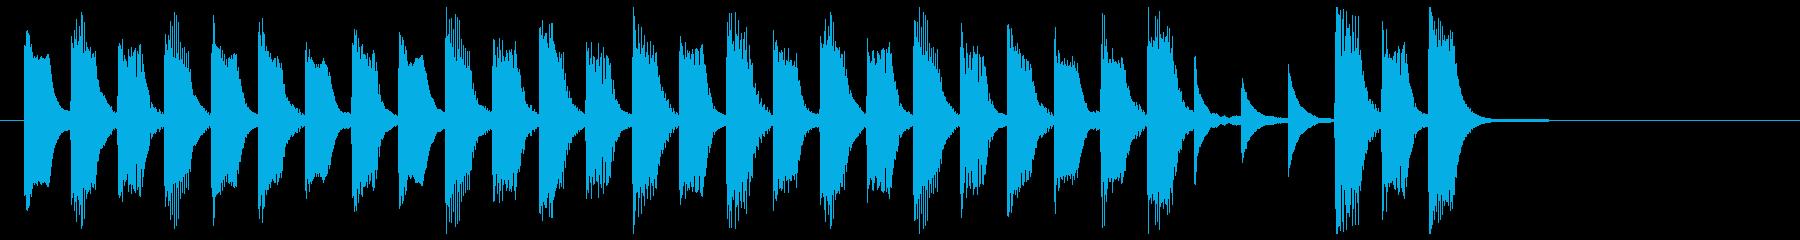 ピアノと木琴による絵本の世界の再生済みの波形